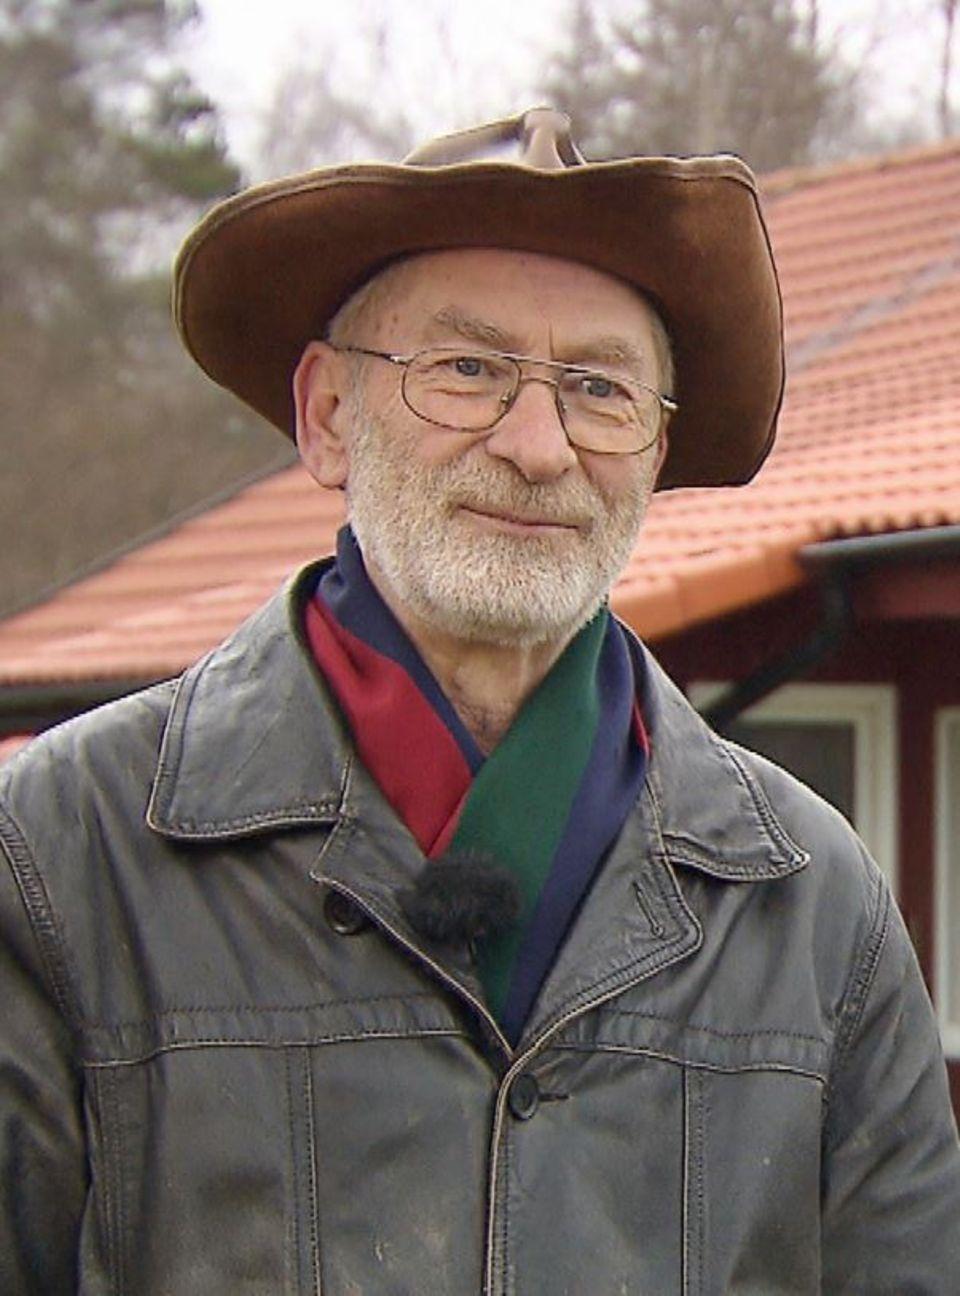 """Hobbybauer Fritz aus """"Bauer sucht Frau""""."""